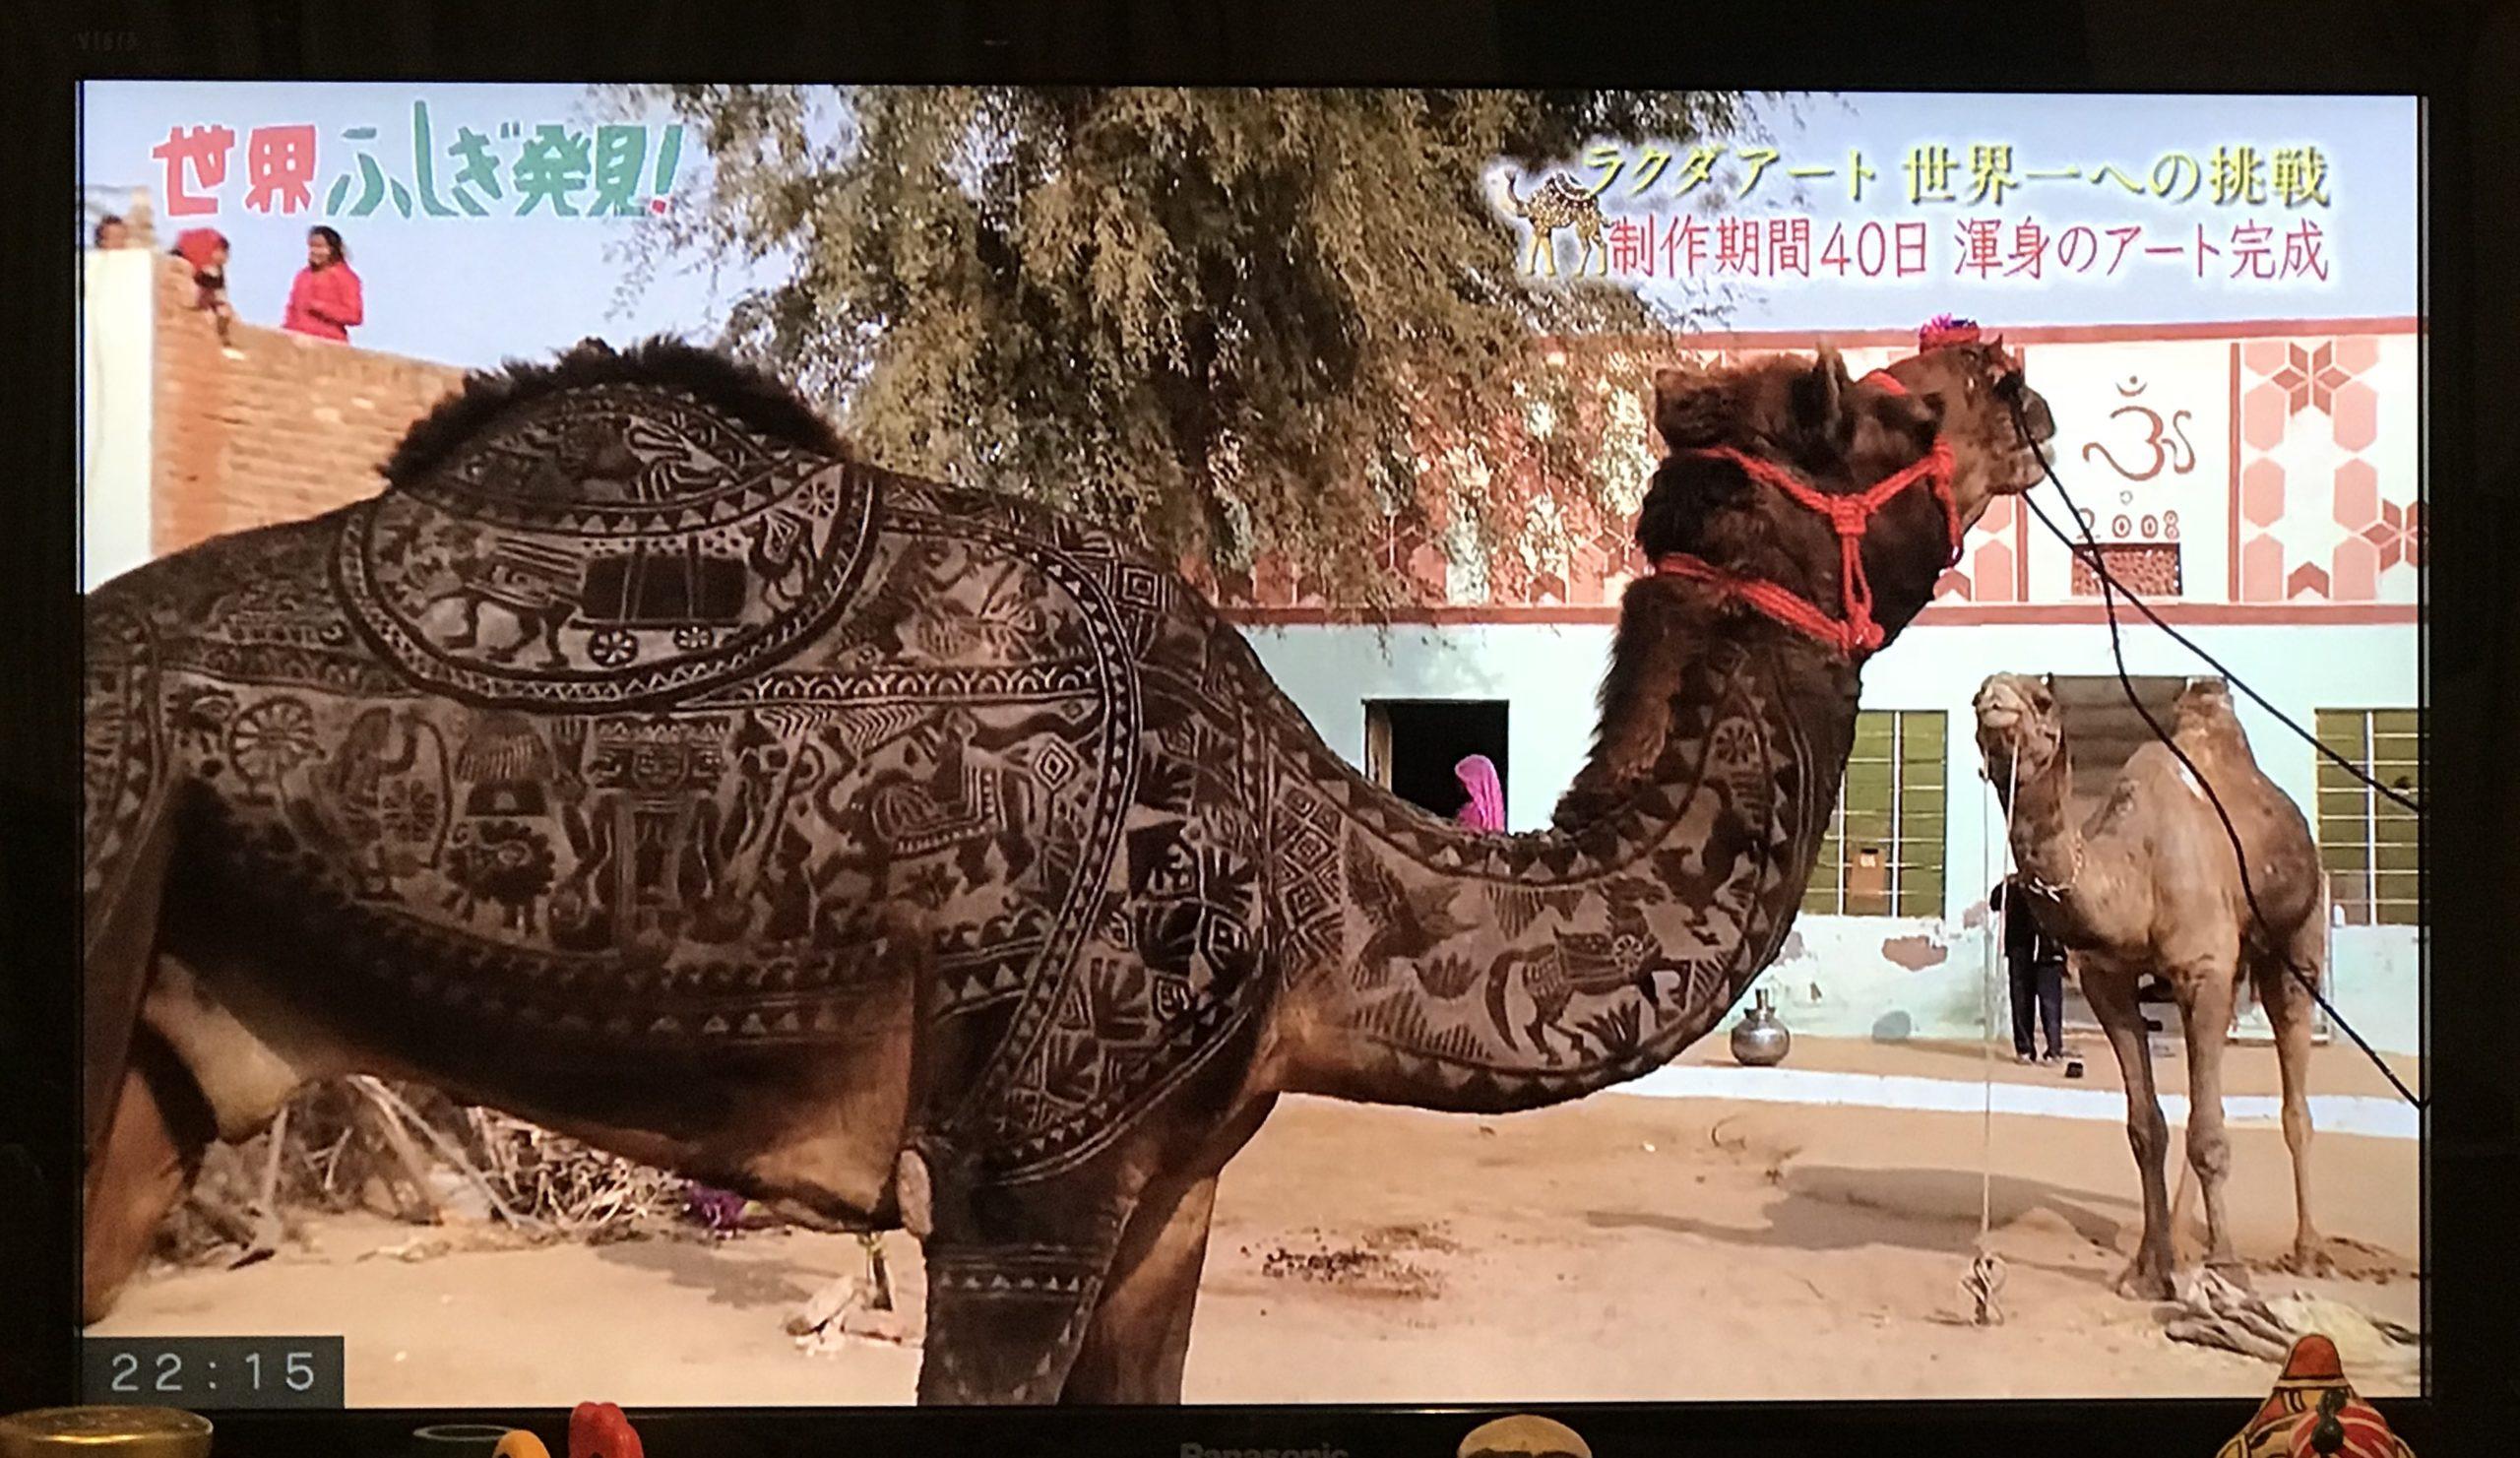 世界ふしぎ発見、武市さんがアートを施した後のラクダ